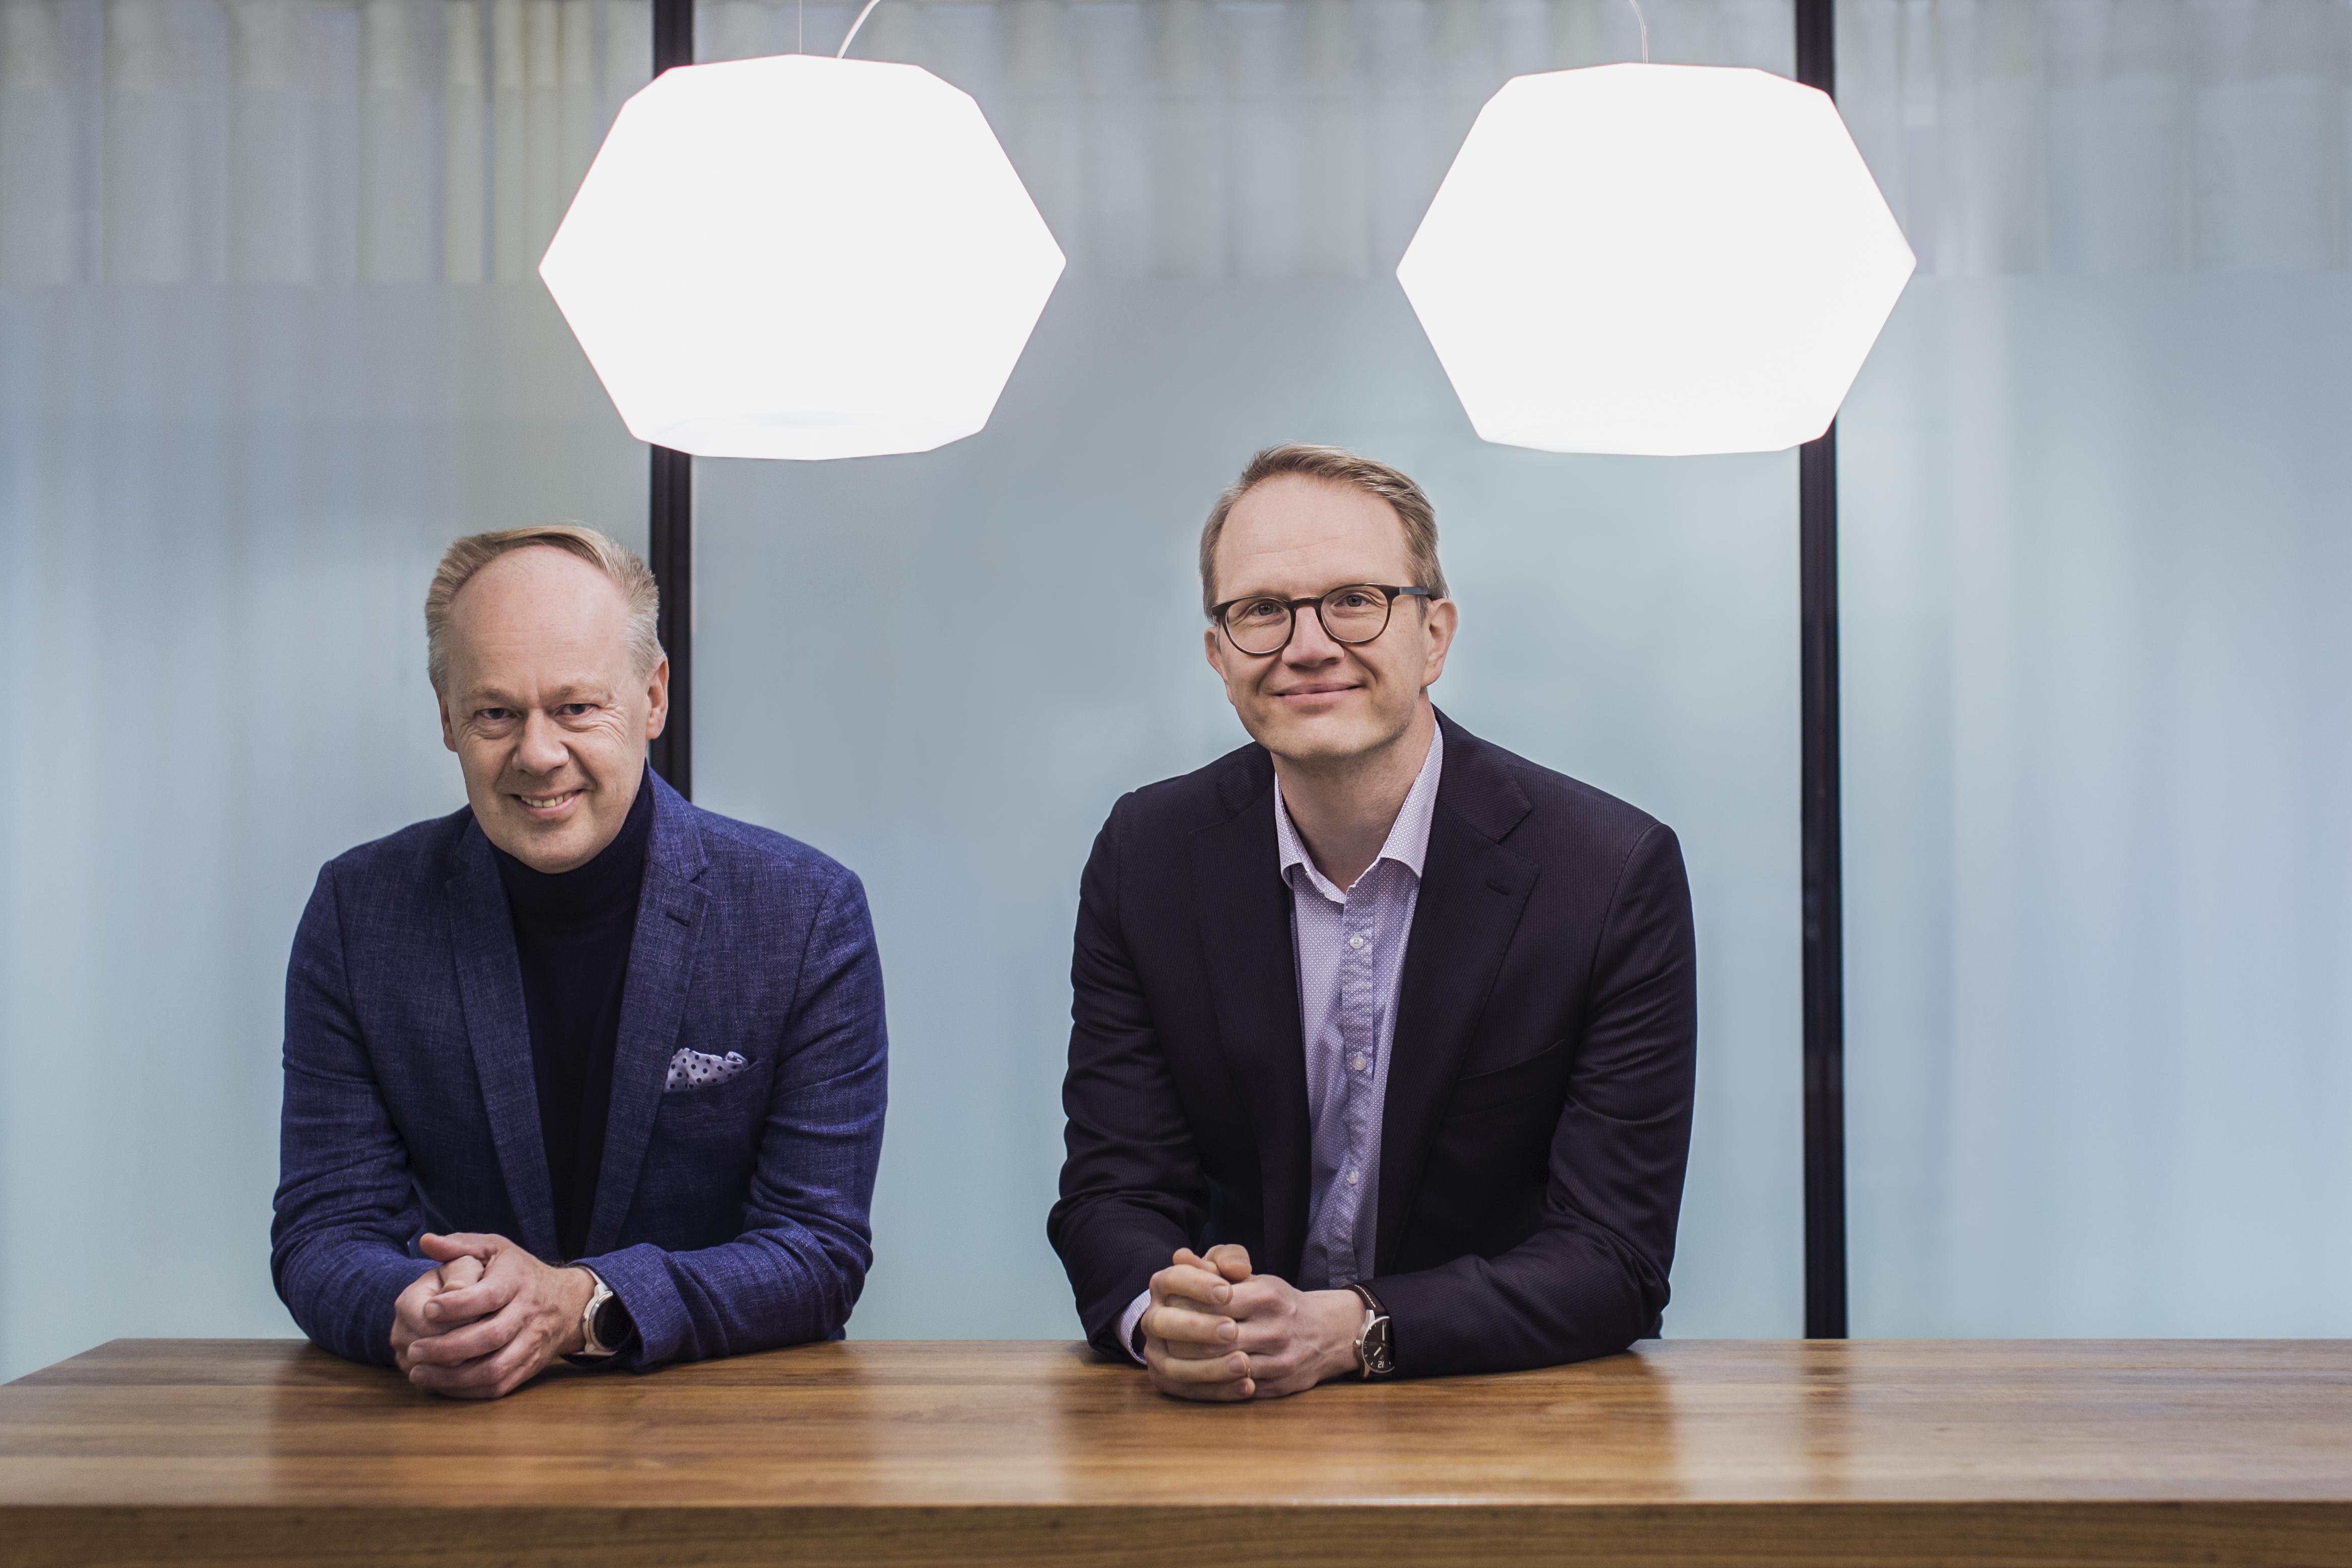 MDI:n aluetutkija Timo Aro ja Kuntarahoituksen pääekonomisti Timo Vesala